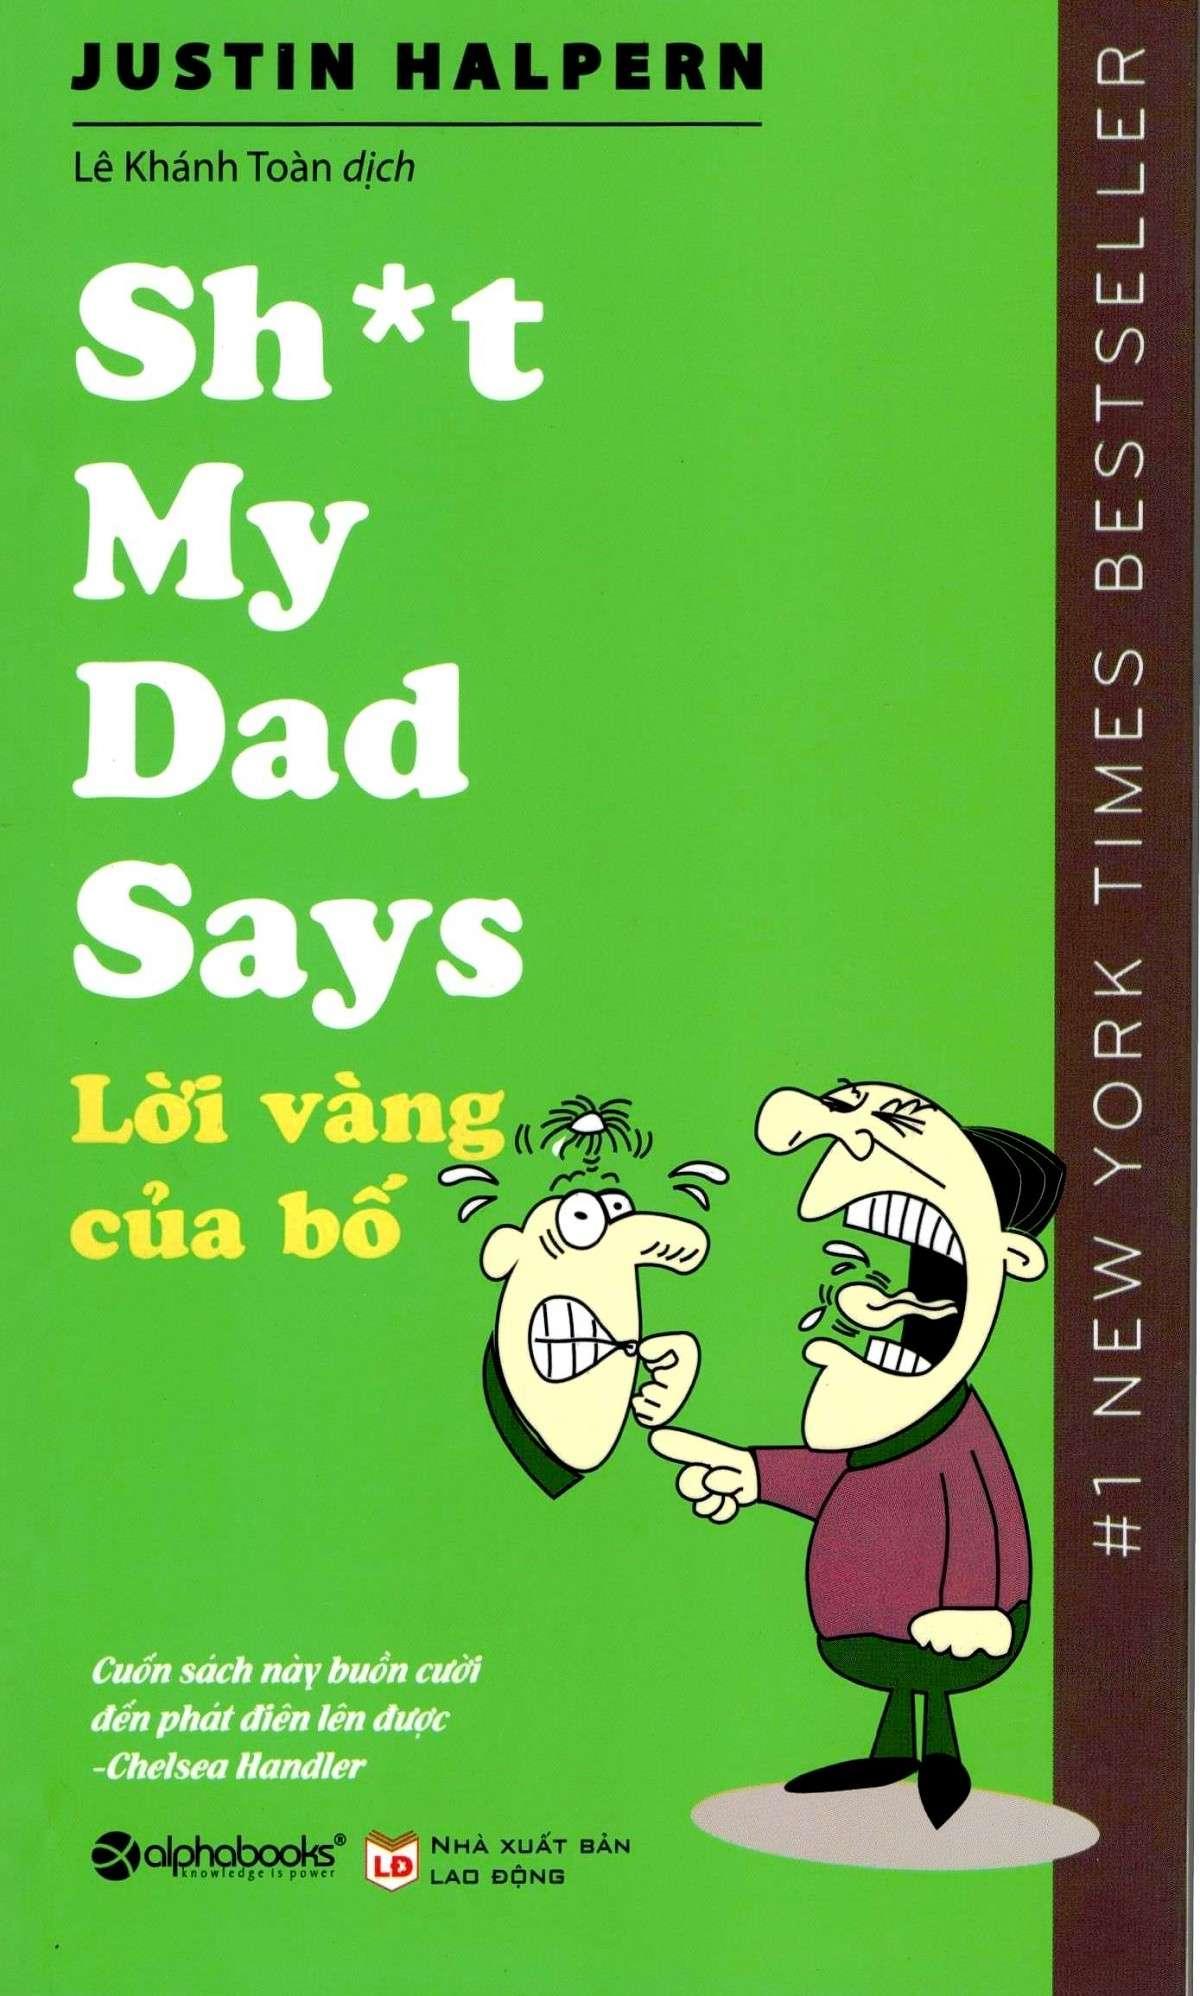 sach loi vang cua bo 12 quyển sách hay về nuôi dạy con bố mẹ không nên bỏ qua